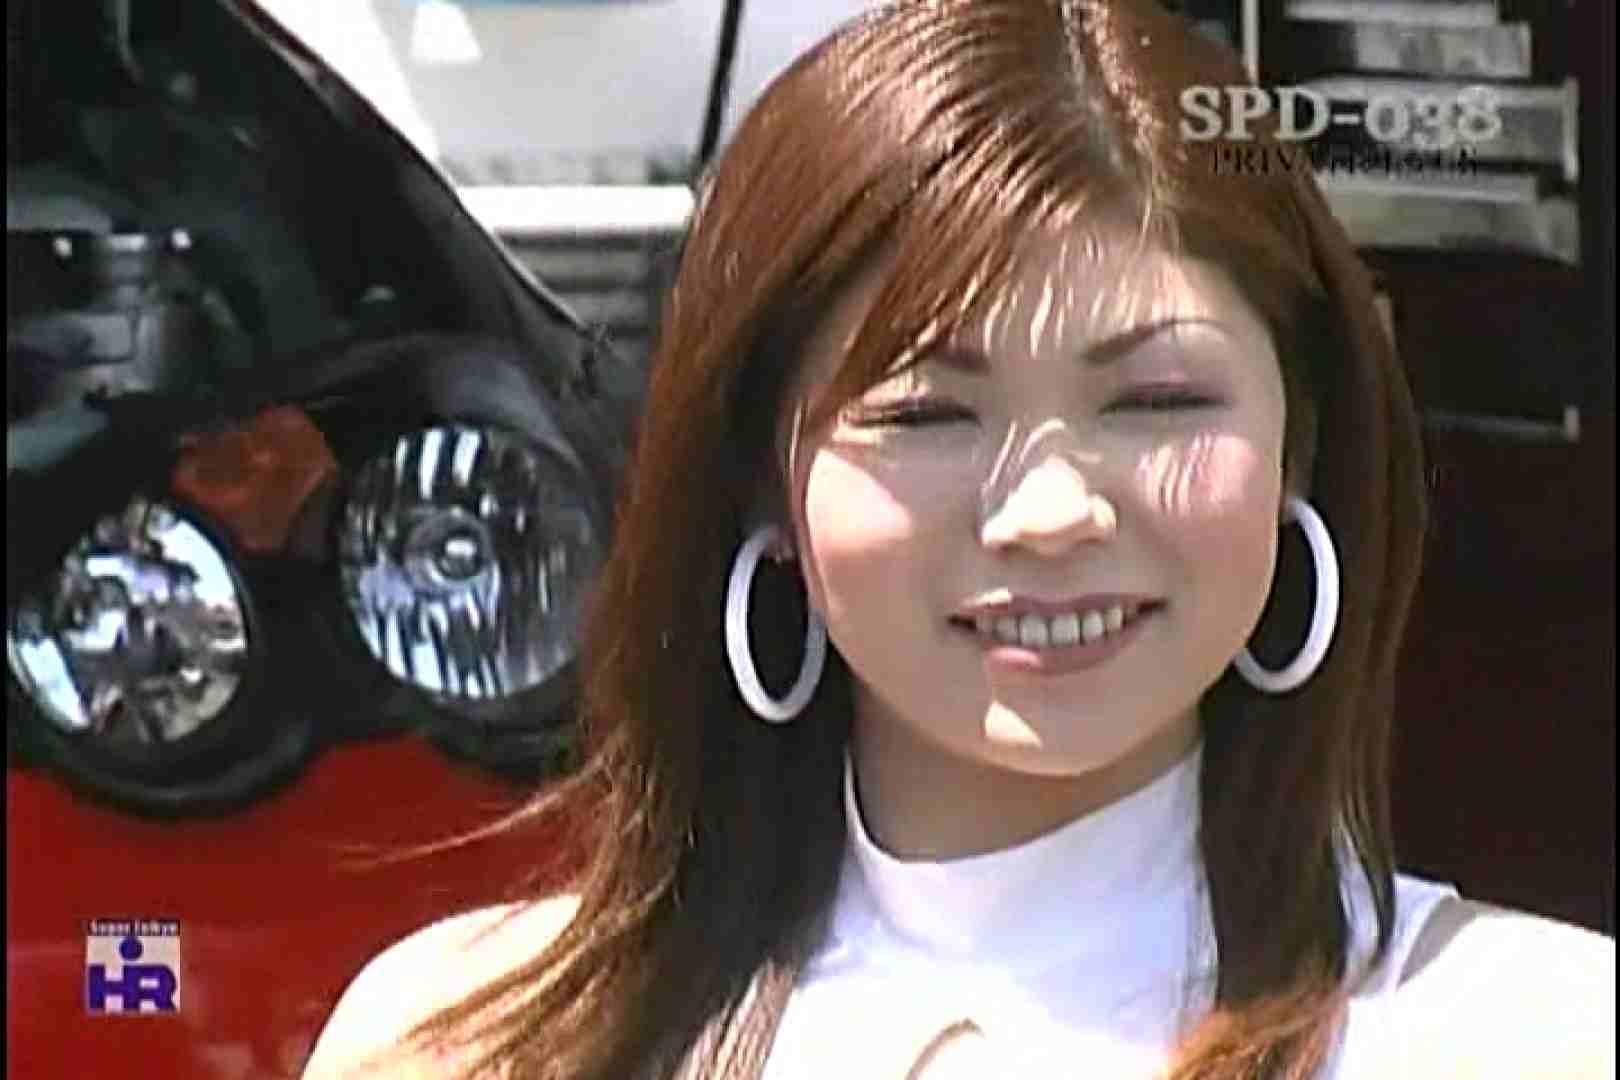 高画質版!SPD-038 サーキットの女神達 仙台ハイランドレースウェイ 名作   高画質  99画像 26